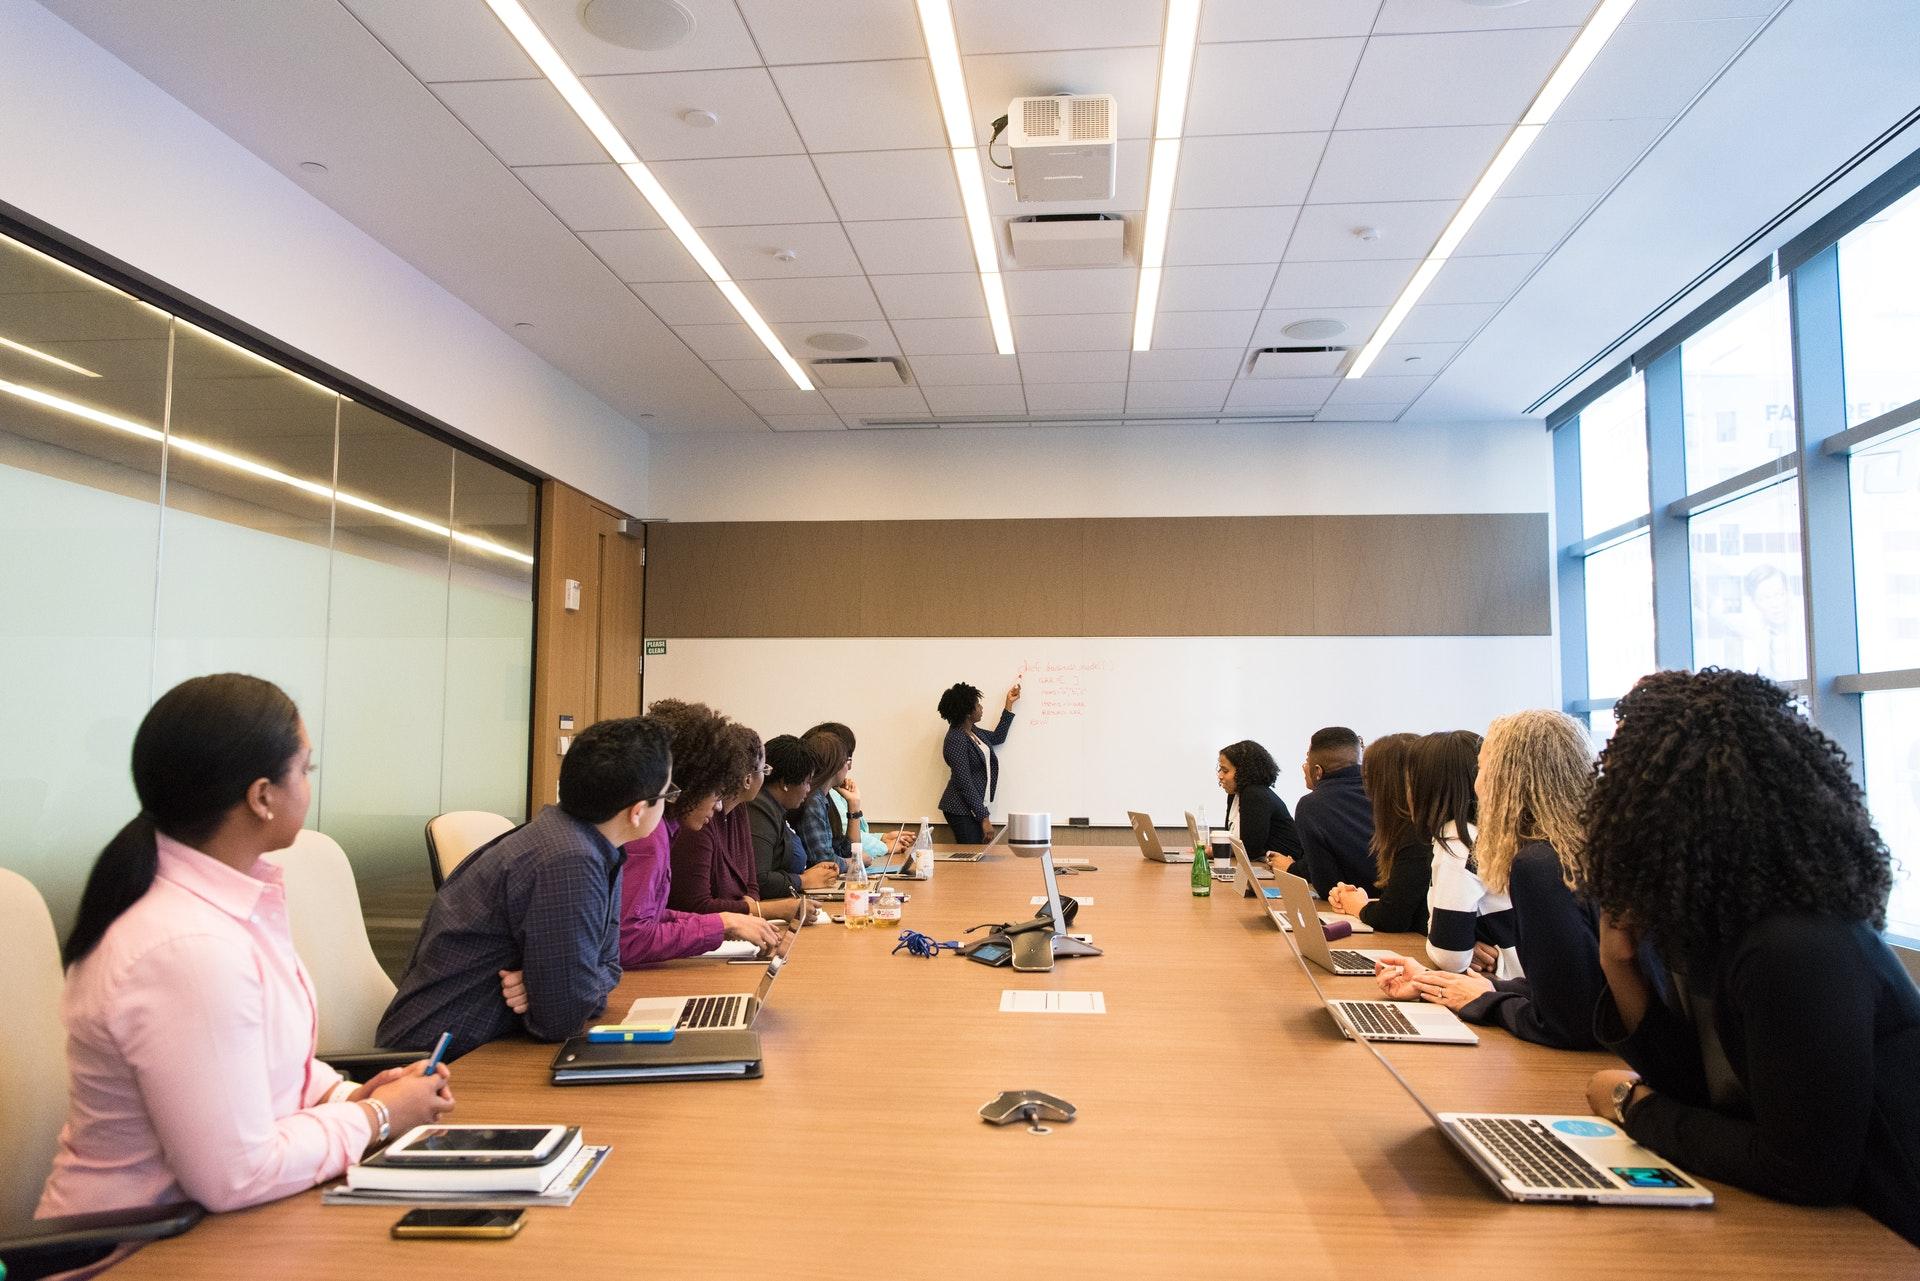 Imagem de uma sala de reuniões cheia de pessoas ao redor de uma mesa. Imagem ilustrativa texto tipos de empresas.